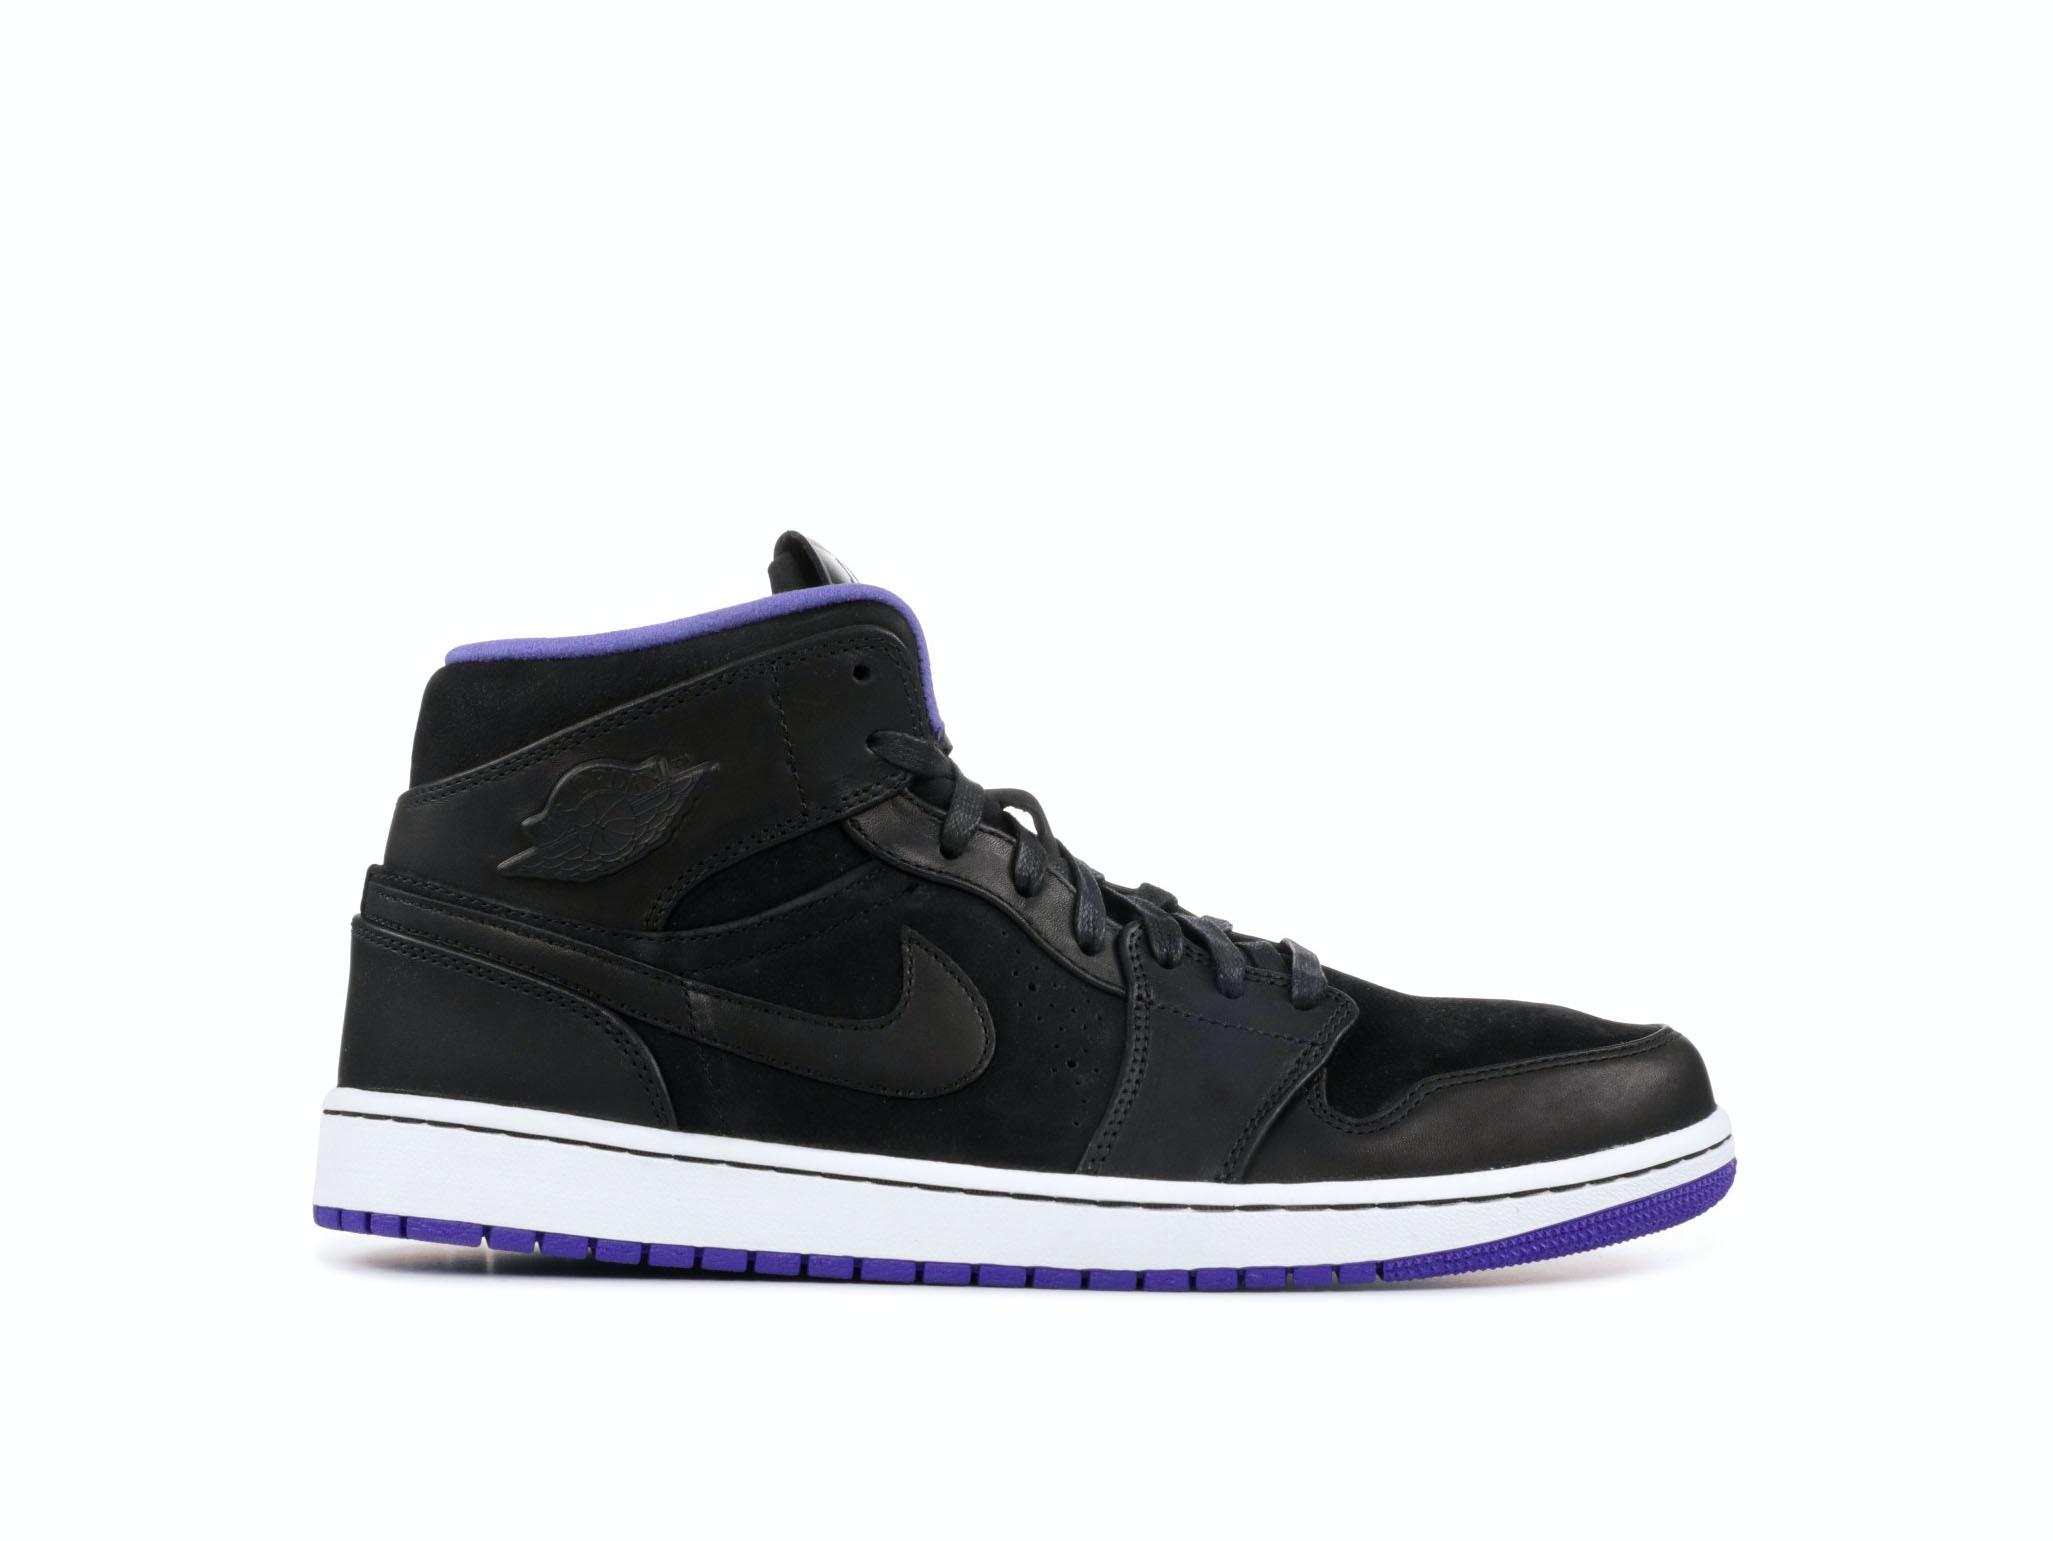 03baabef248 Shop Air Jordan 1 Mid Nouveau Dark Concord Online | Laced